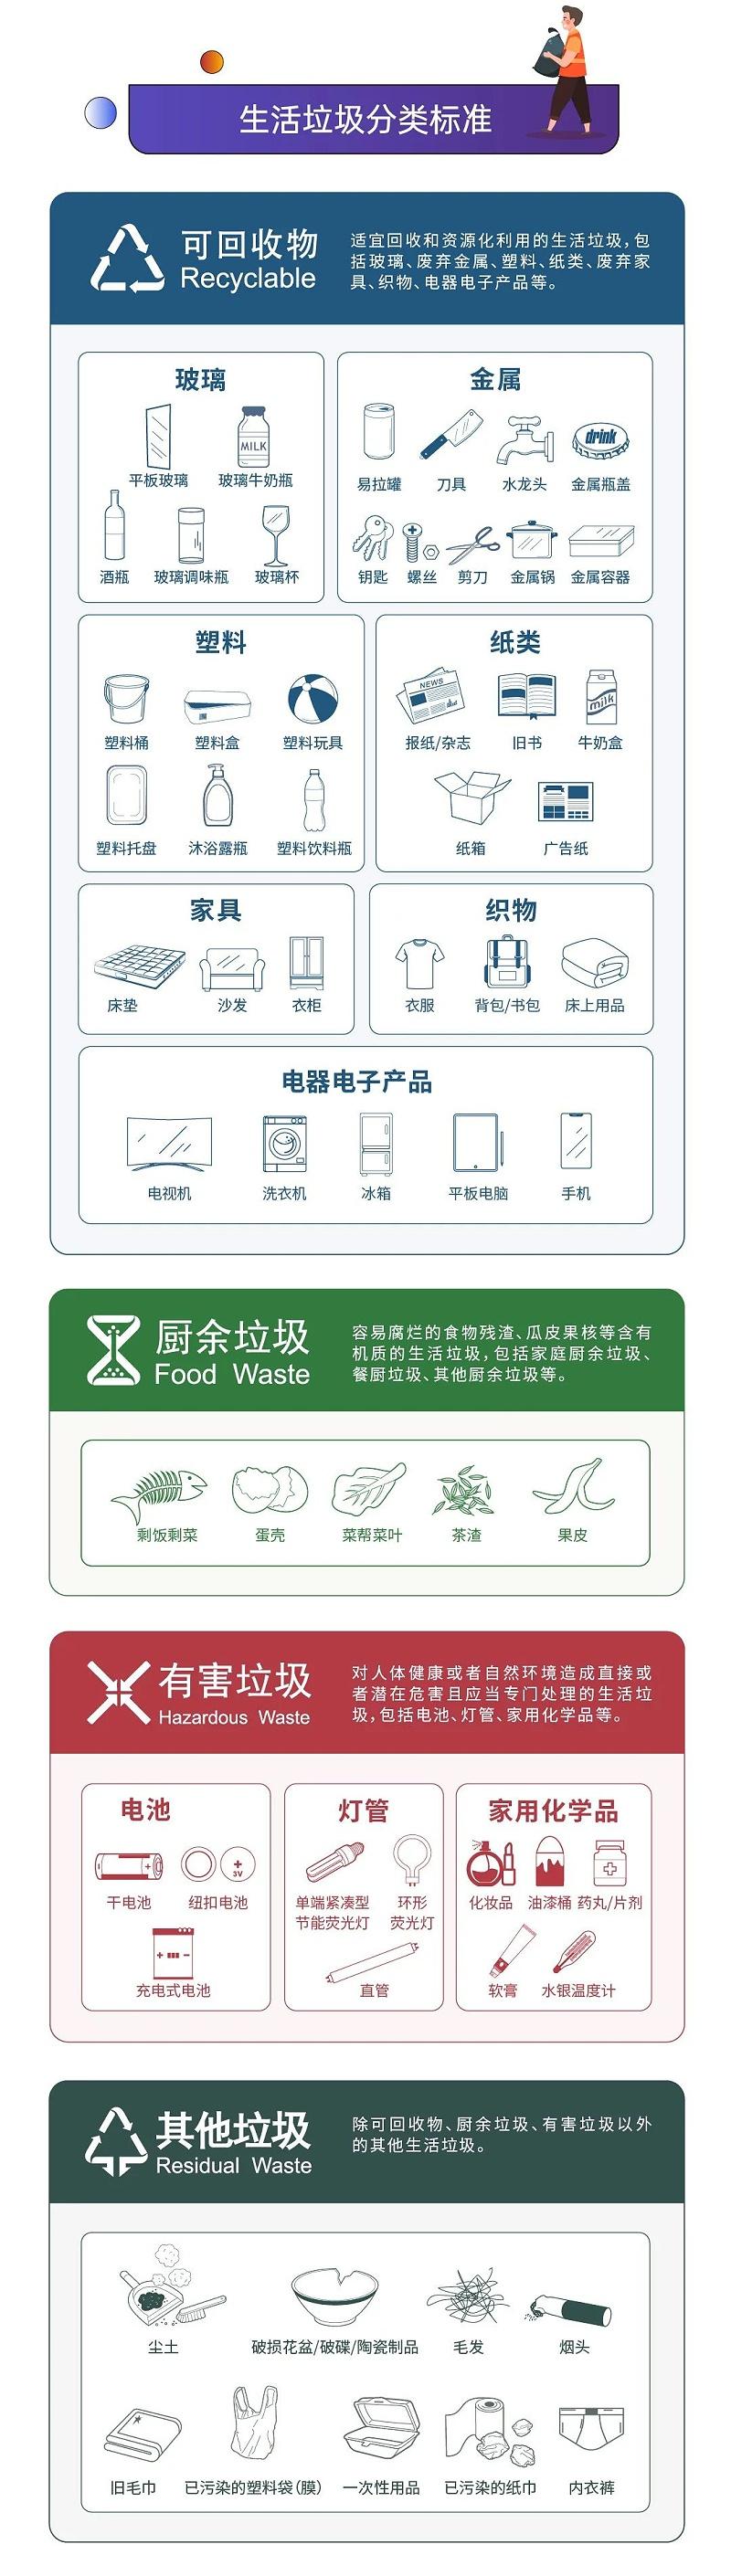 2深圳市生活垃圾分类管理条例正式实施-玉龙环保